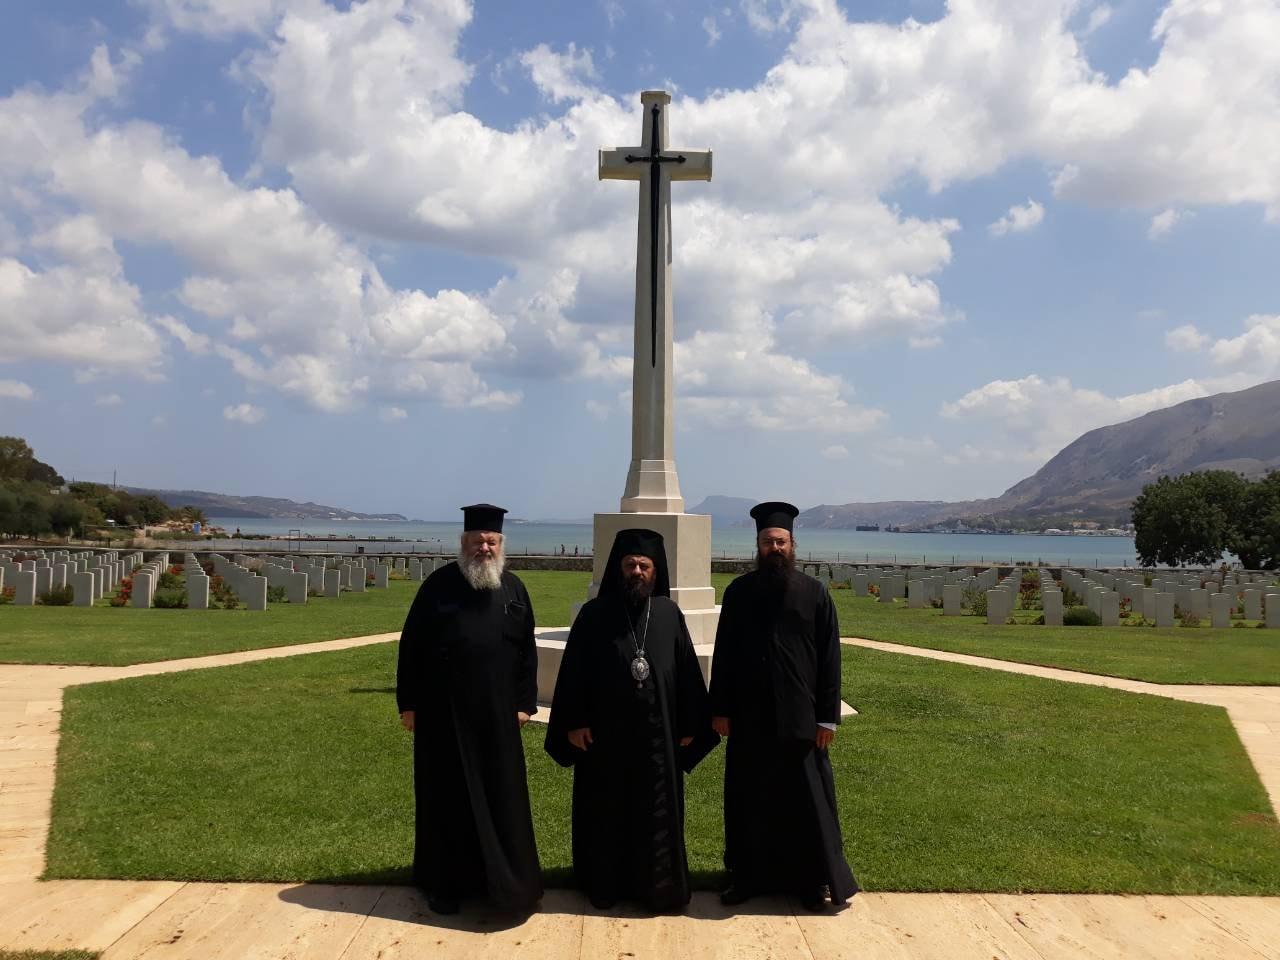 ΟΡΘΟΔΟΞΙΑ INFO Ι Τρισάγιο στην μνήμη των Νεοζηλανδών στρατιωτών που έπεσαν στην μάχη της Κρήτης